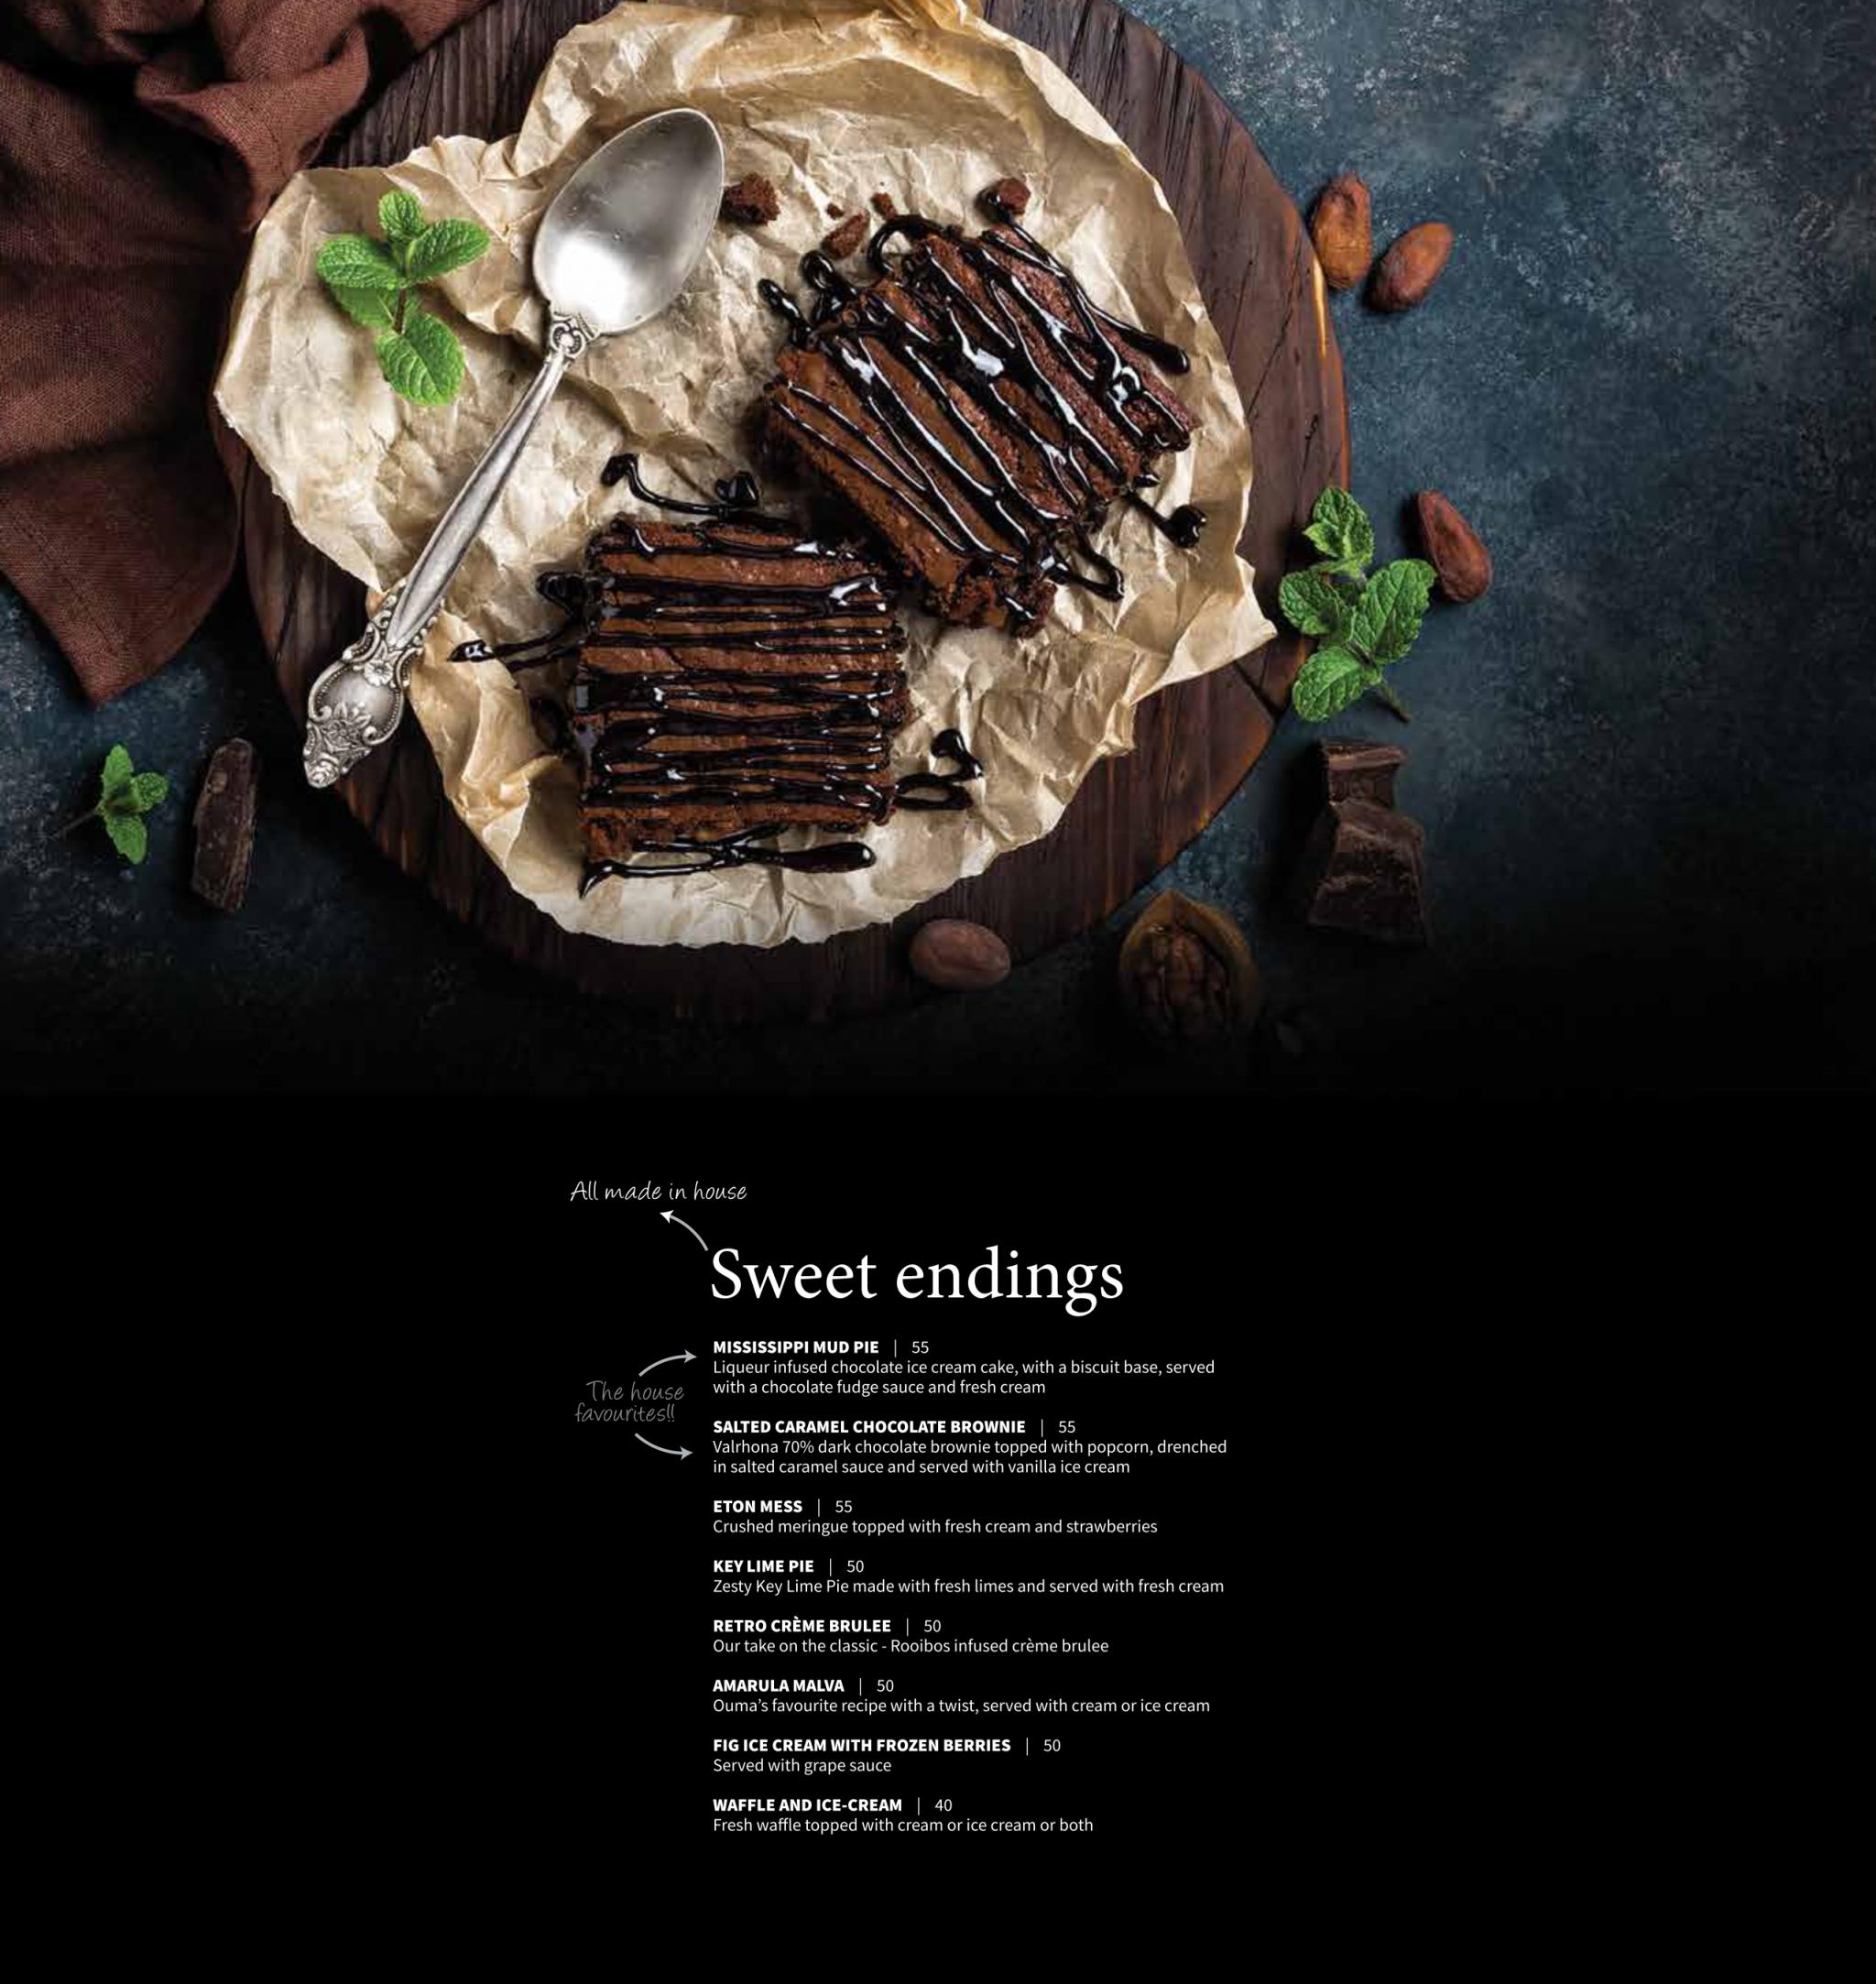 sweet_endings_menu_slidea